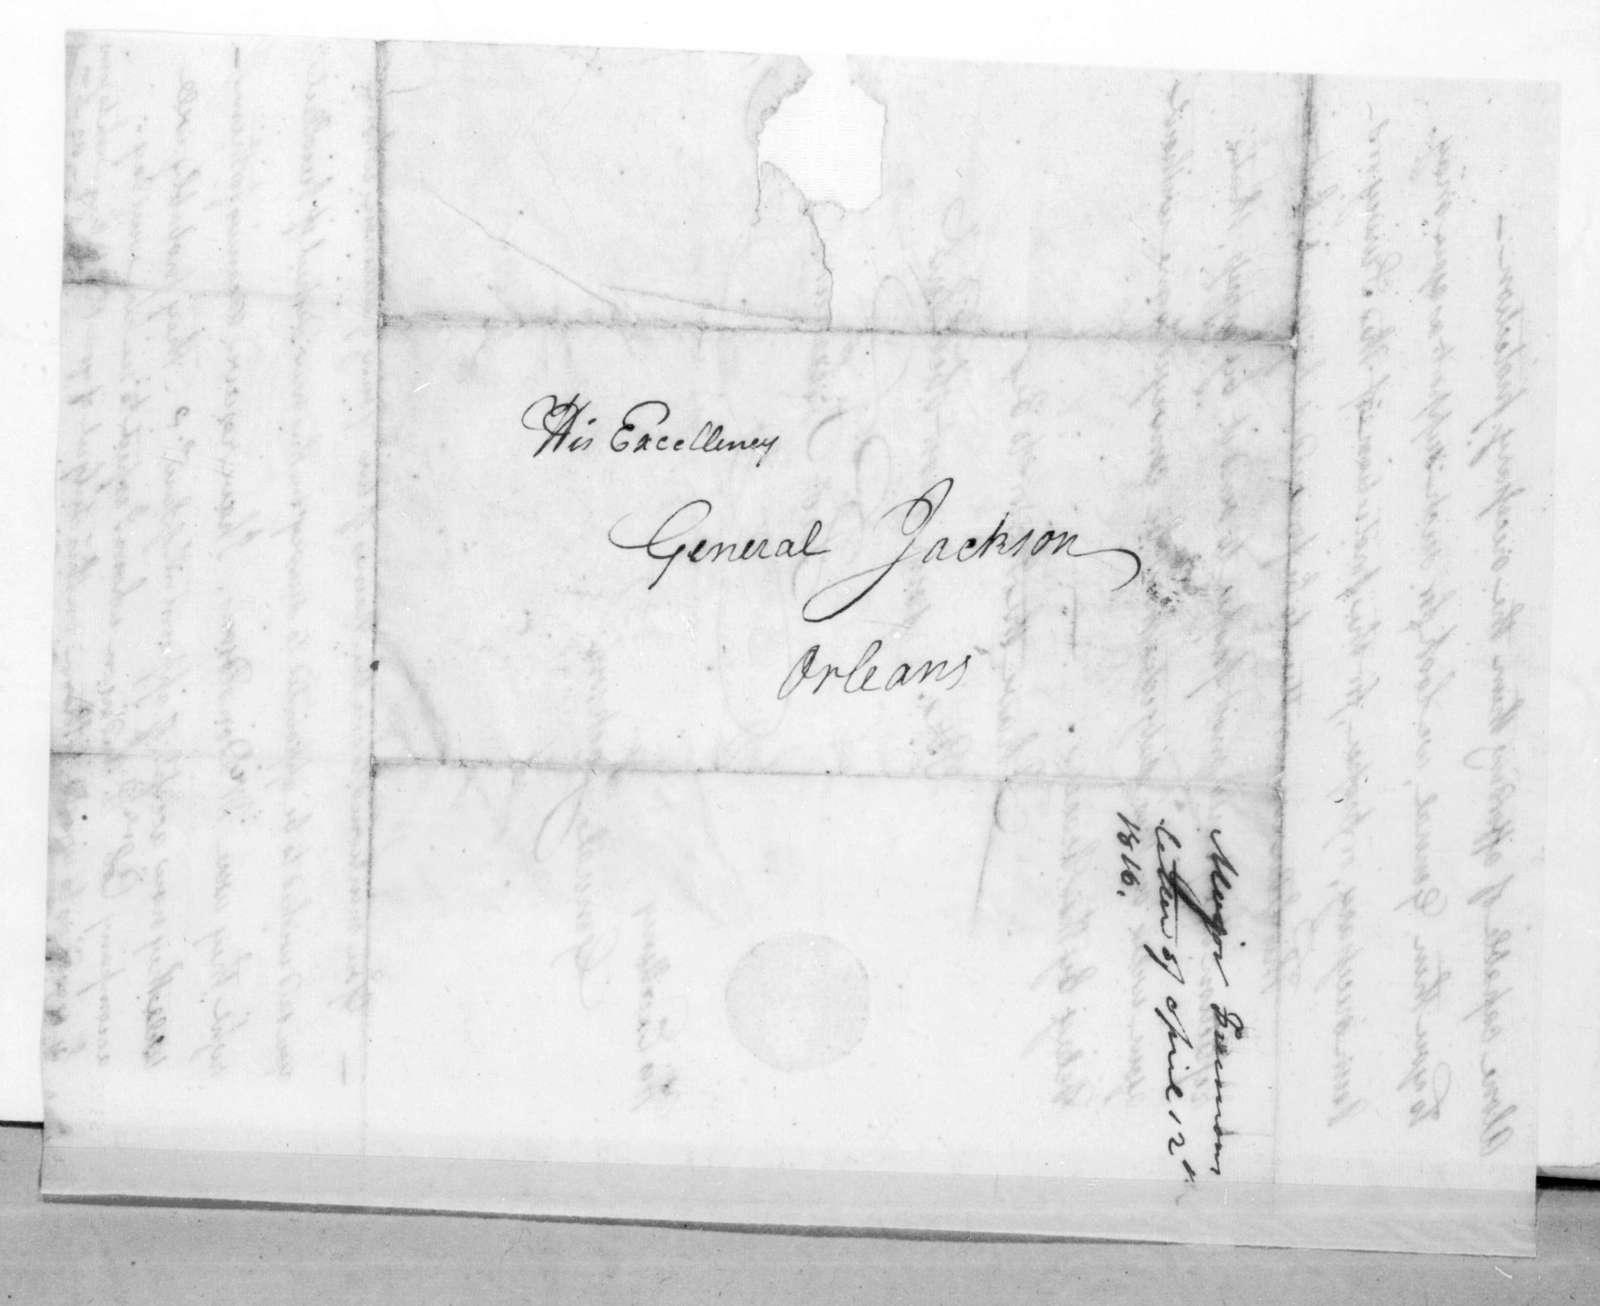 Thomas Freeman to Andrew Jackson, April 12, 1816